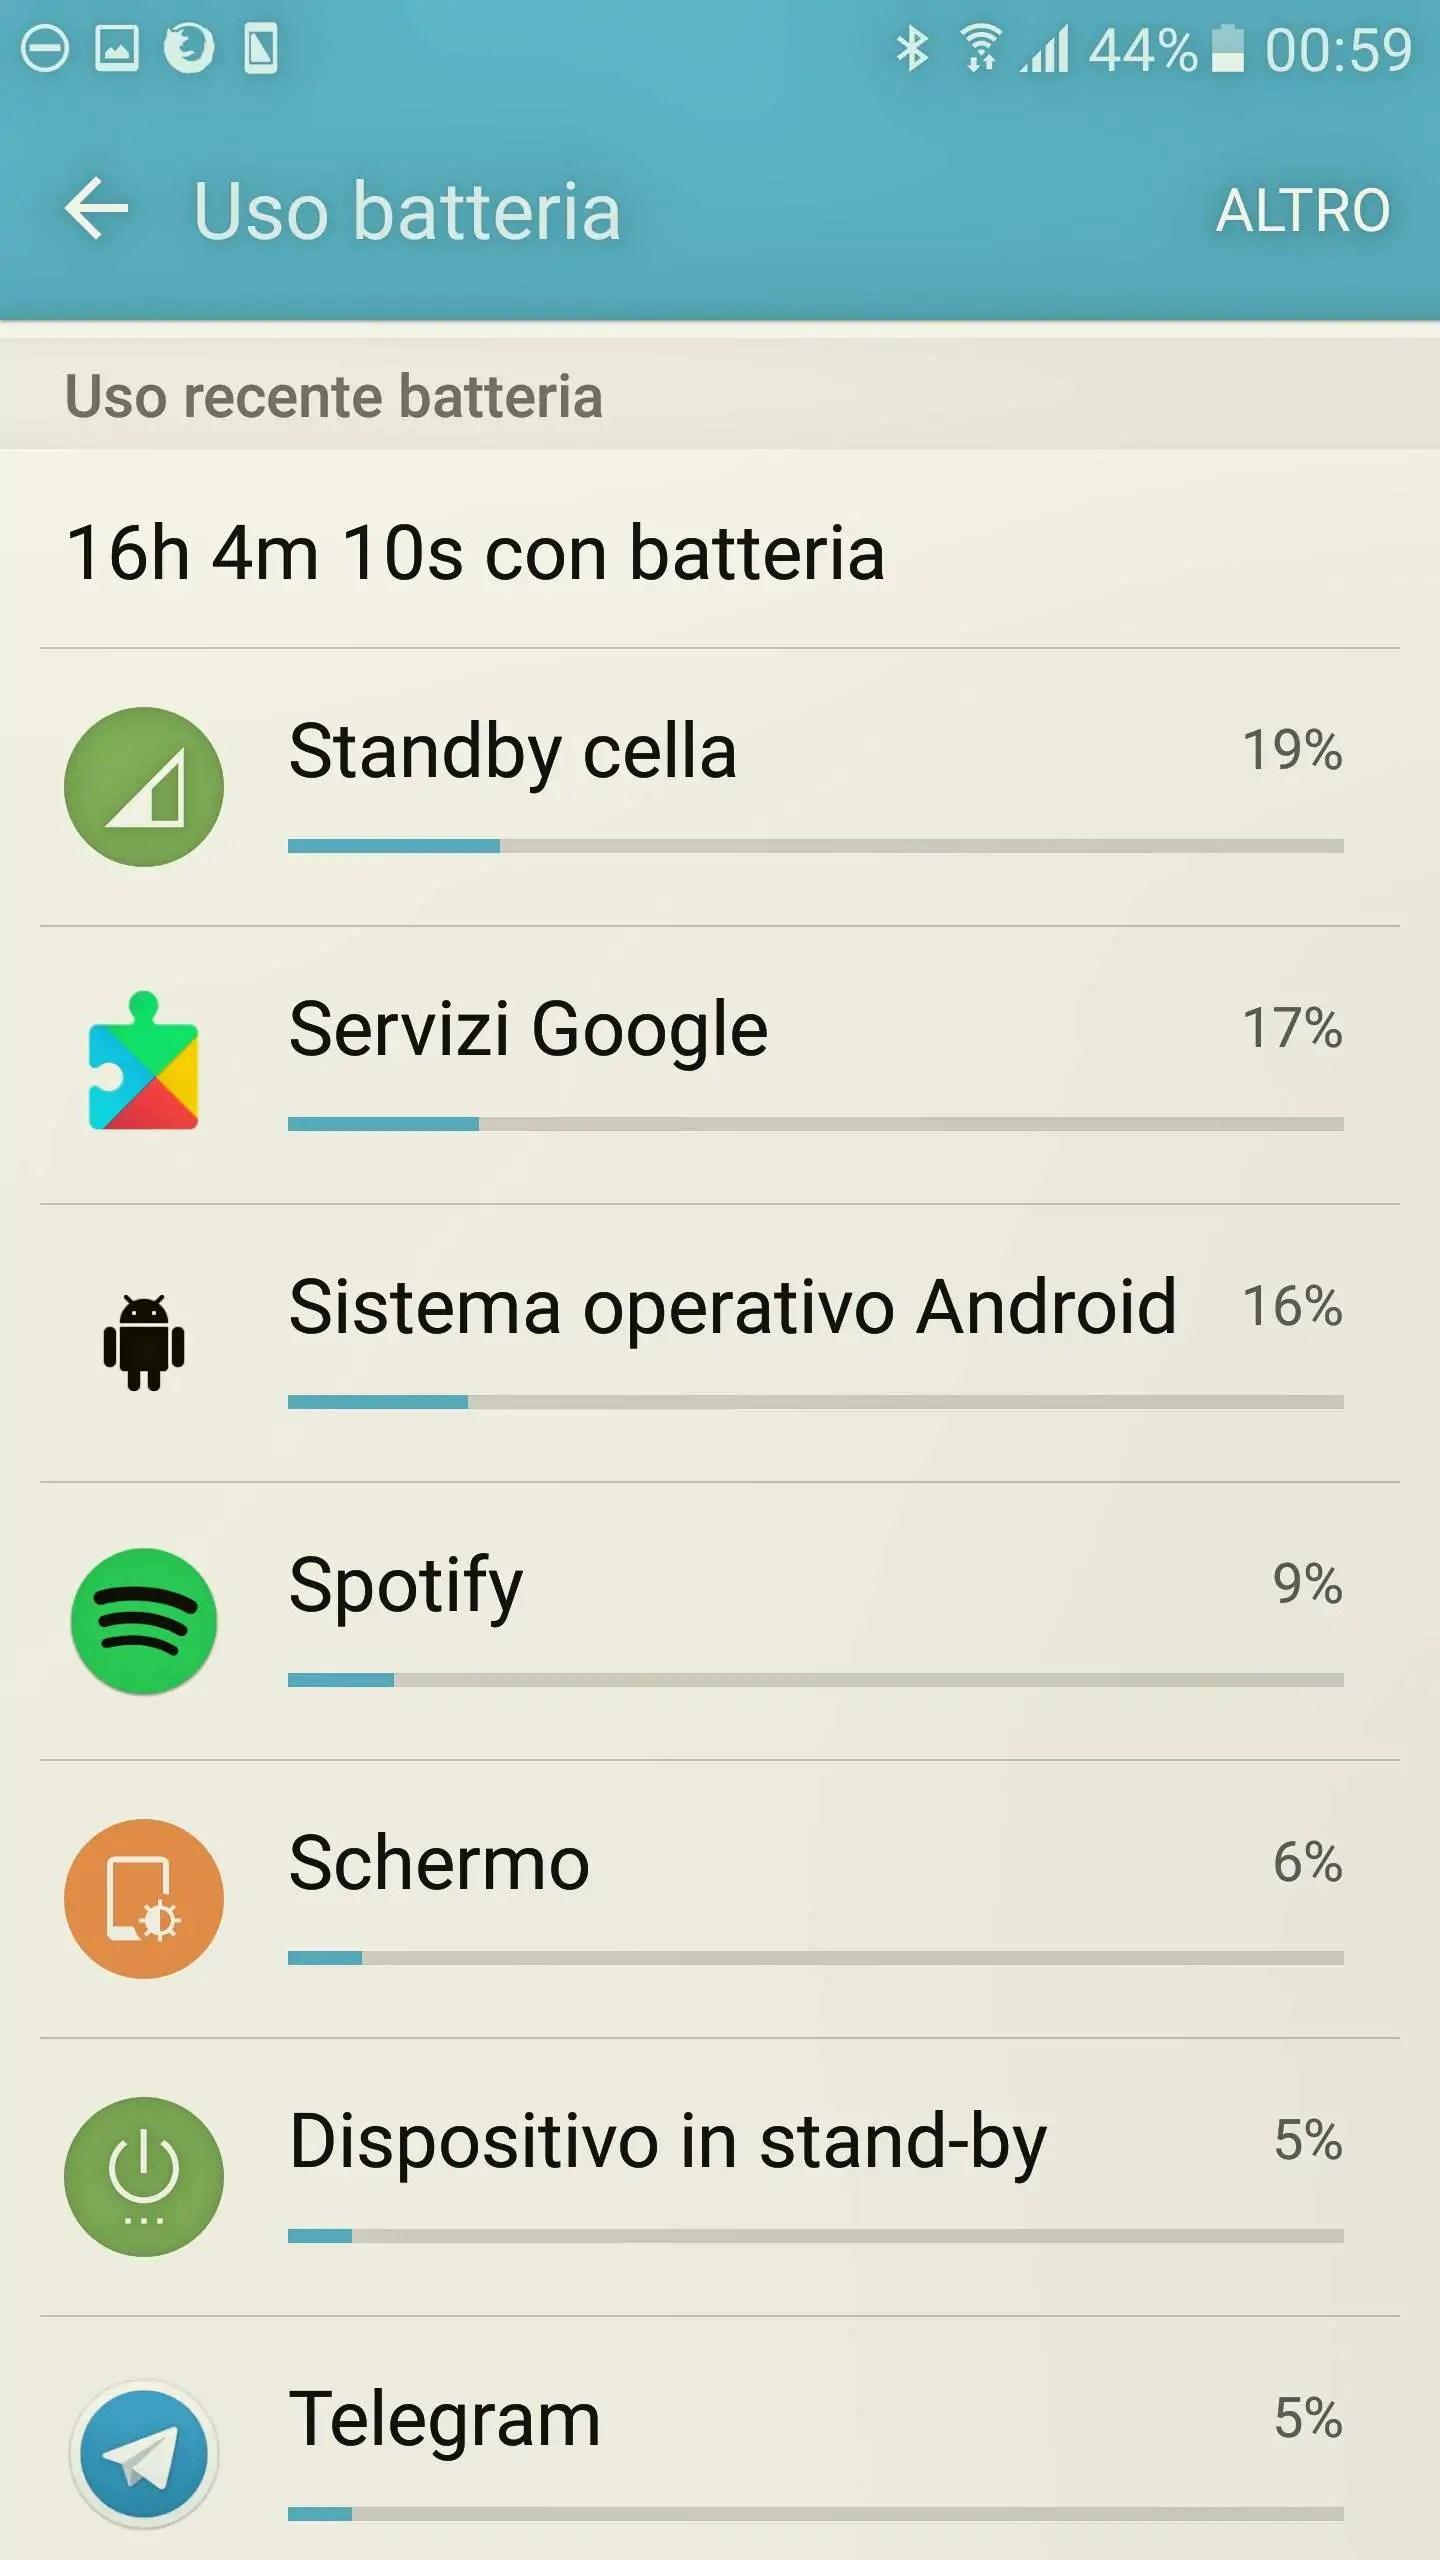 Samsung Galaxy S6, è un acquisto papabile oggi? 9